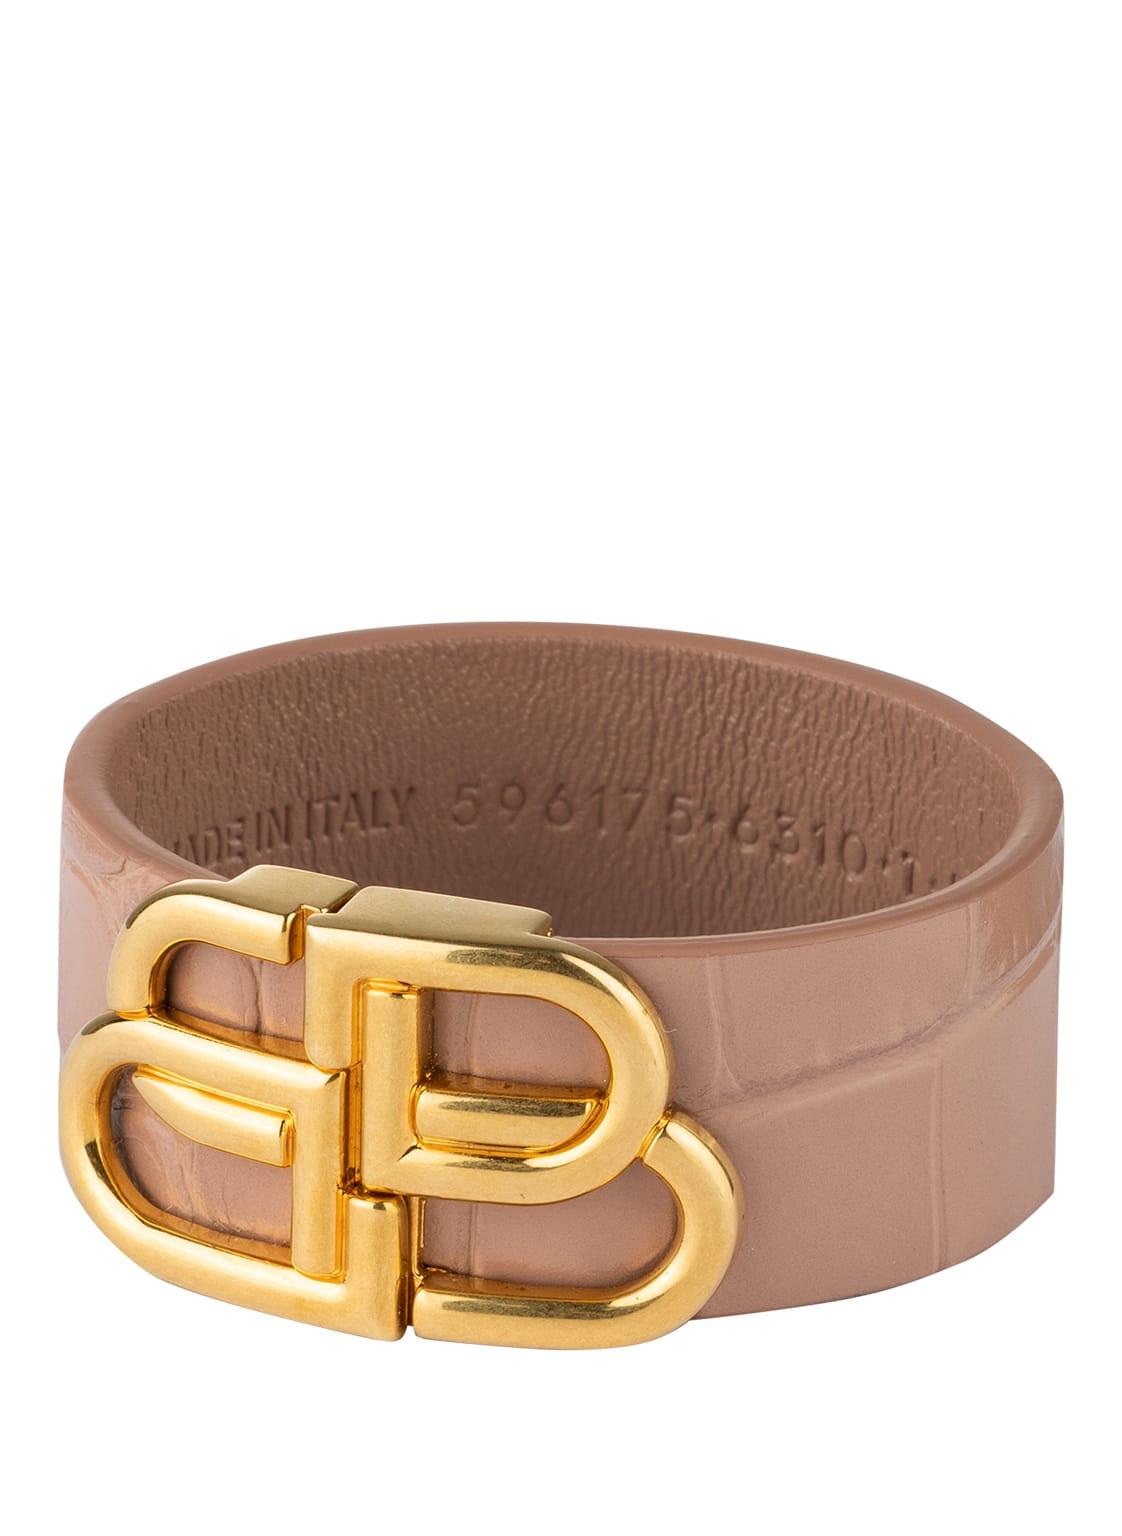 Image of Balenciaga Armband beige